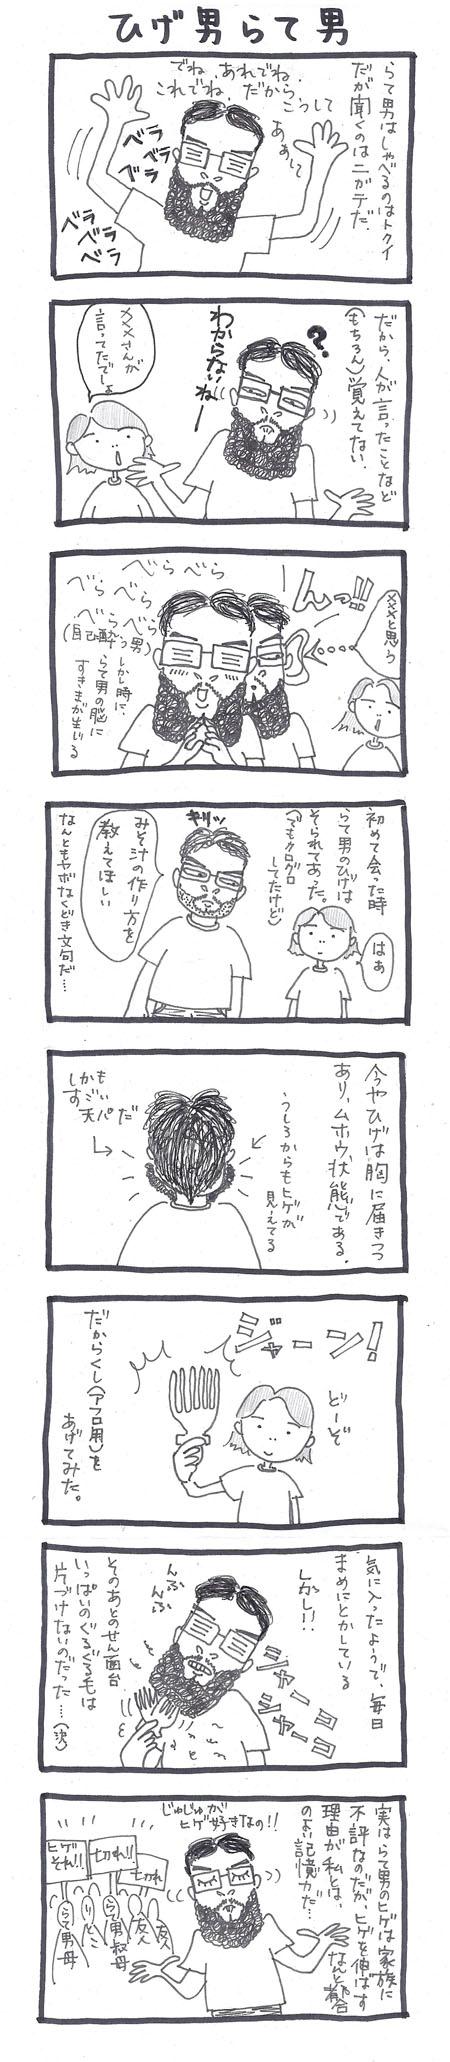 ©Juju Kurihara